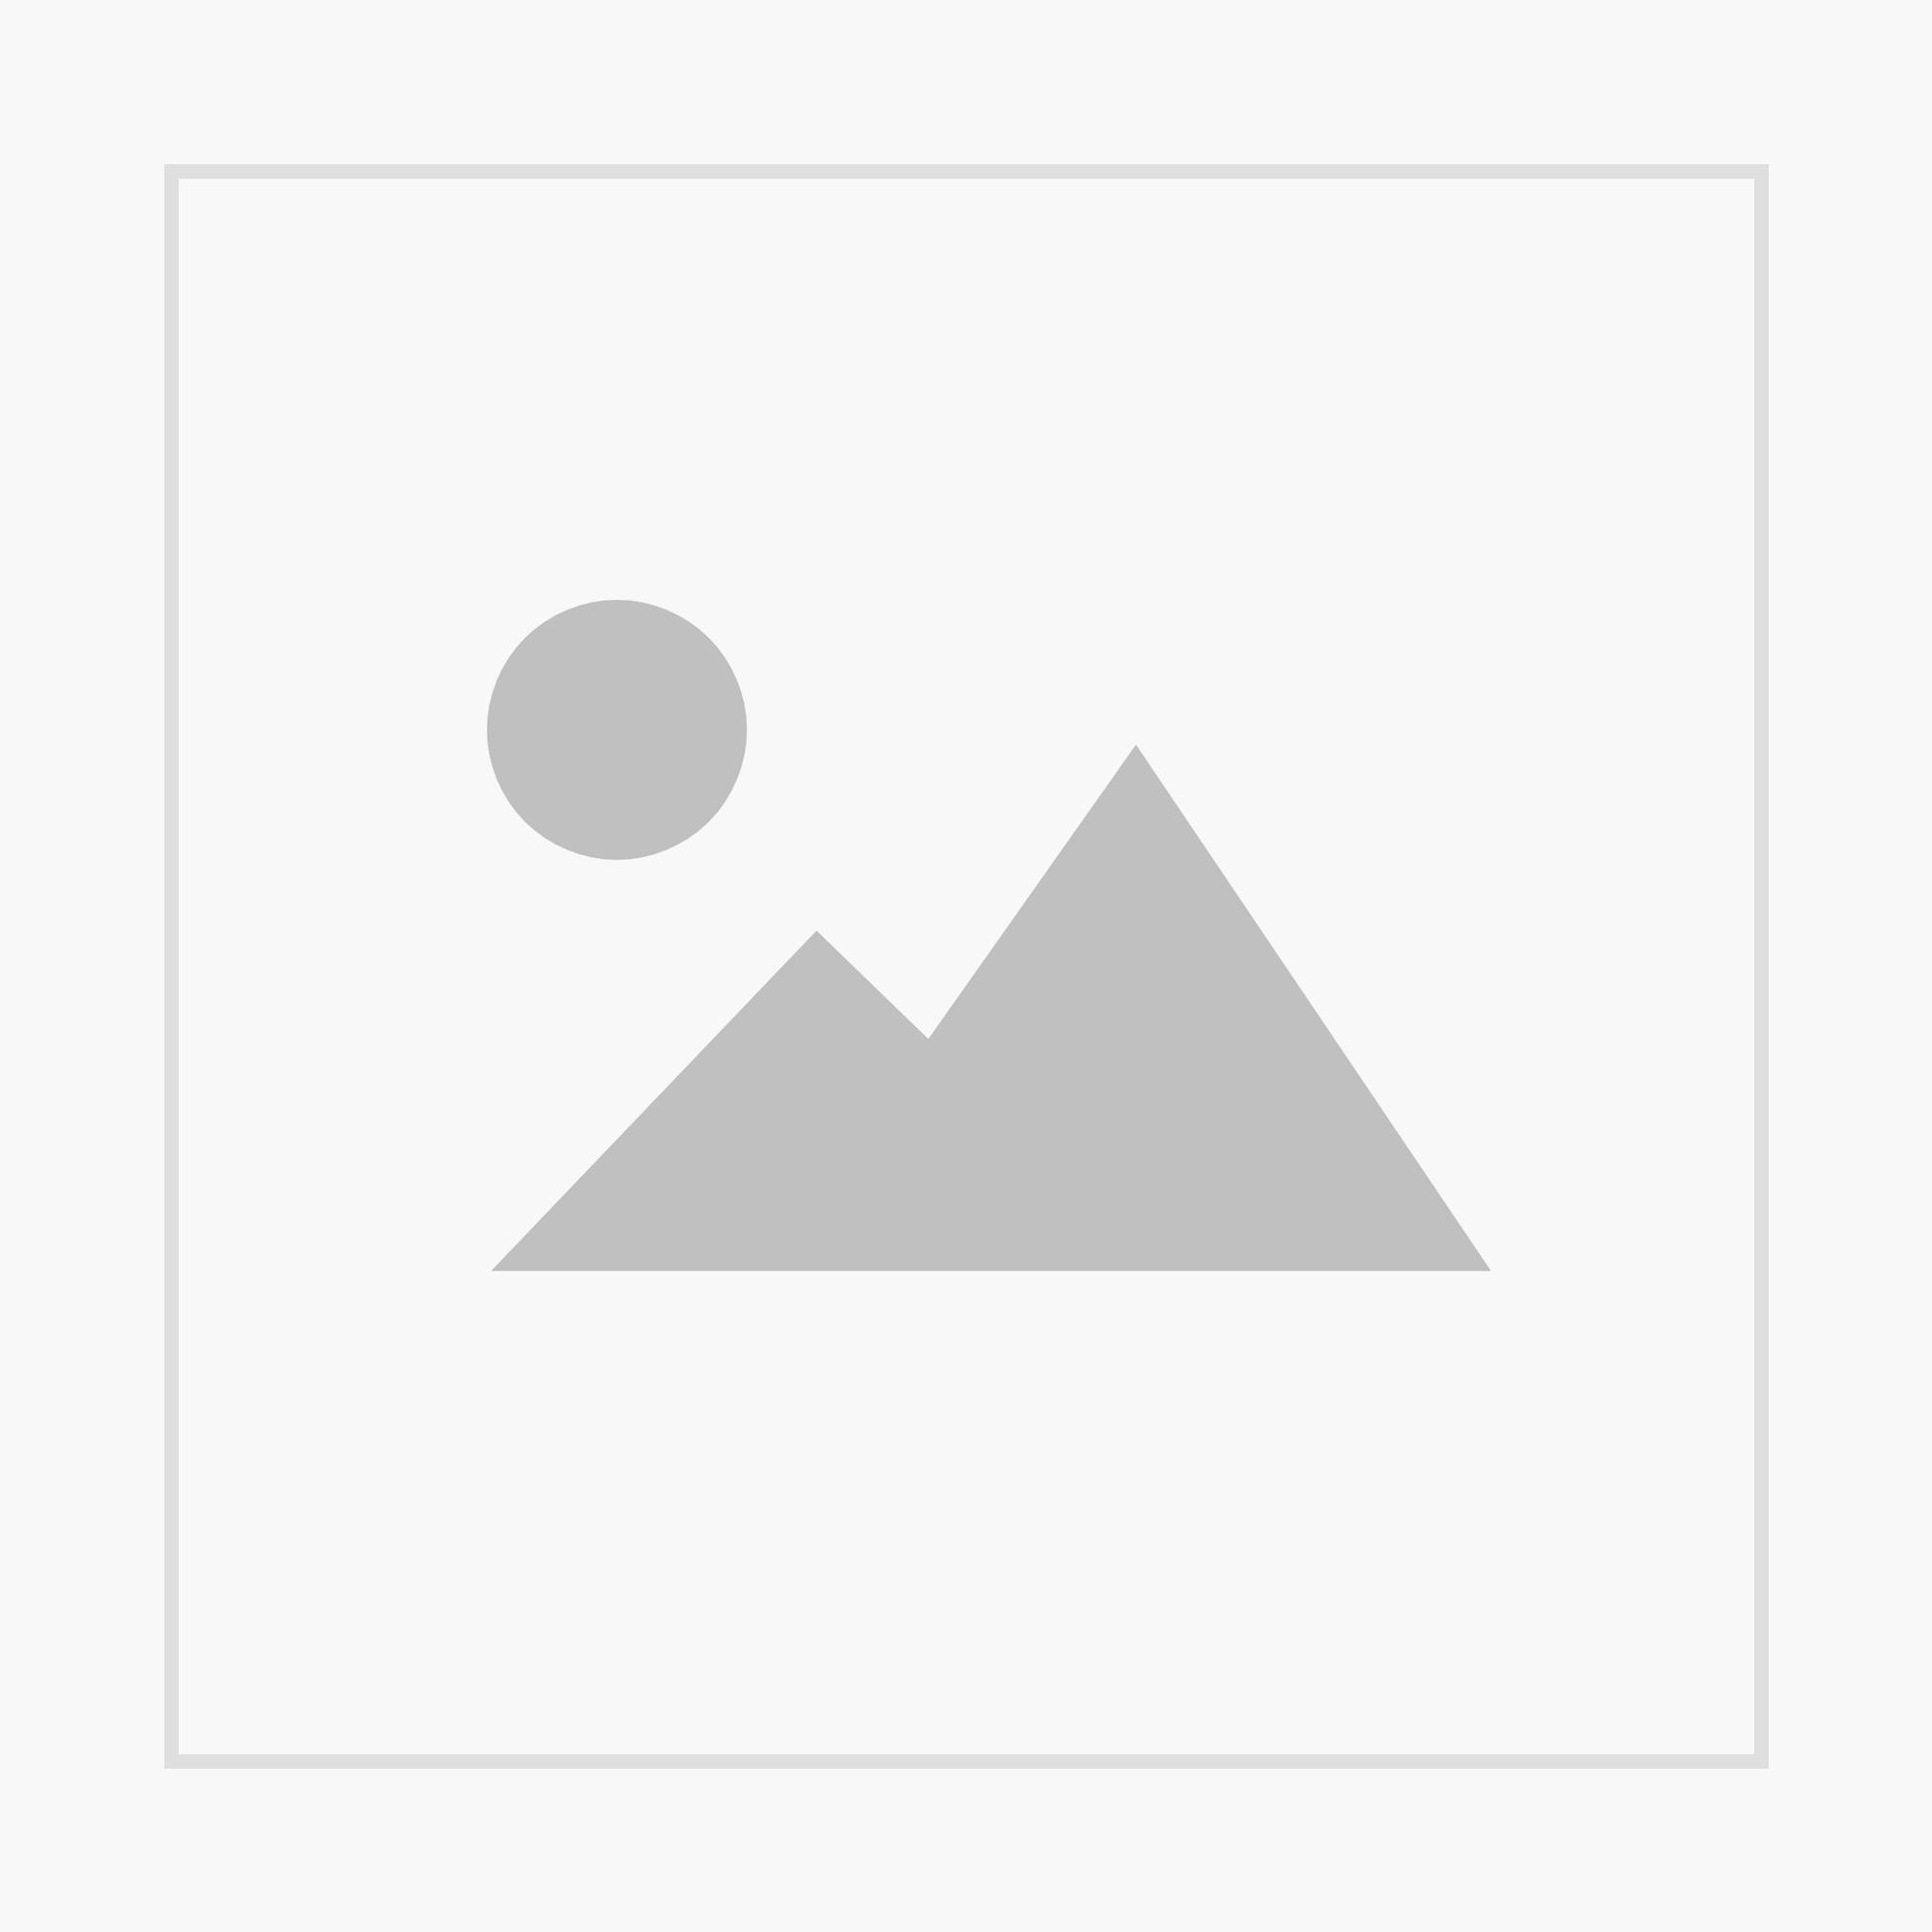 hygge 9 (6/2018)